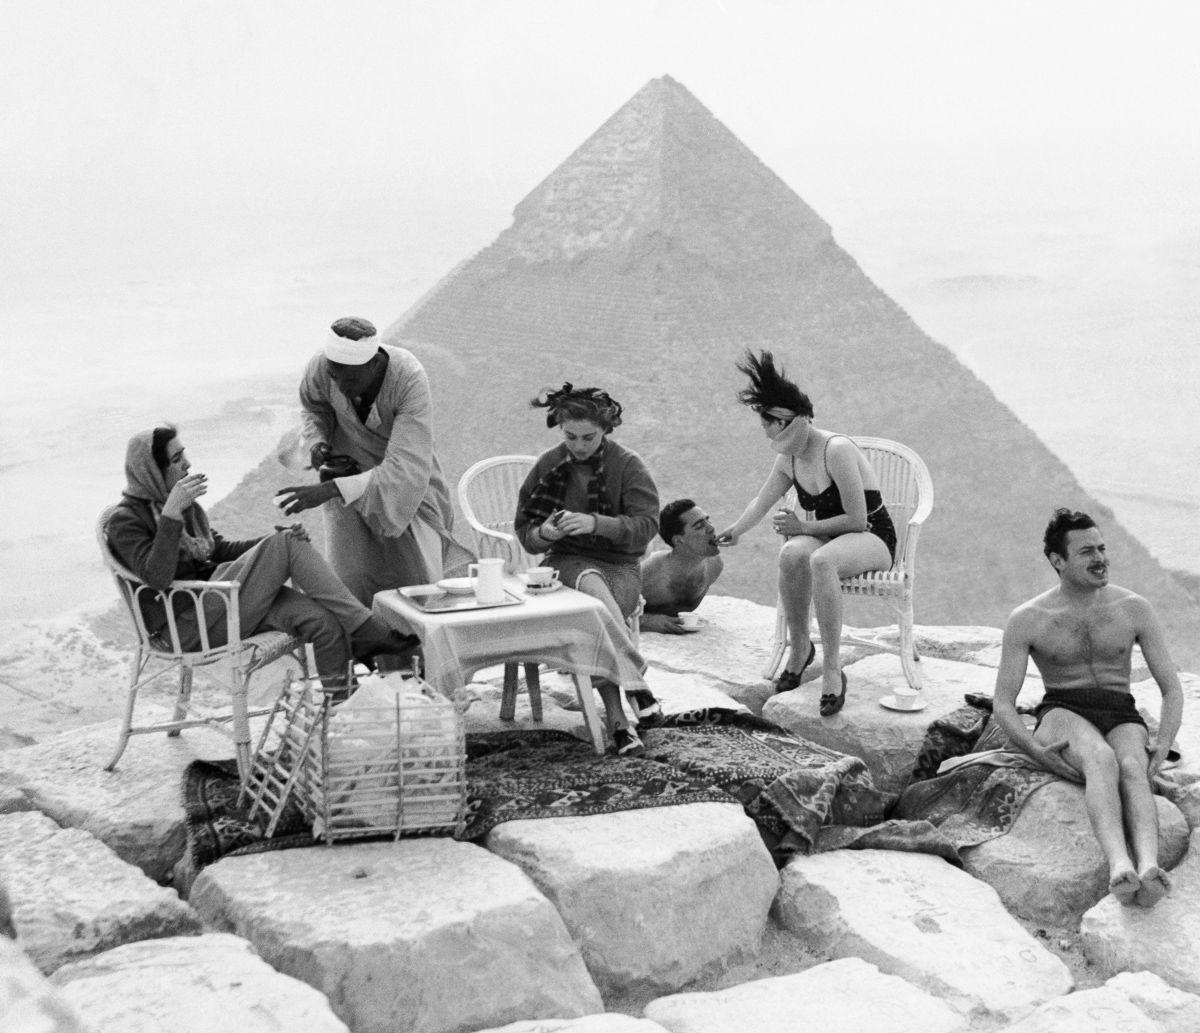 Os primeiros turistas subiram ao topo das pirâmides do Egito em vestidos chiques e ternos 01